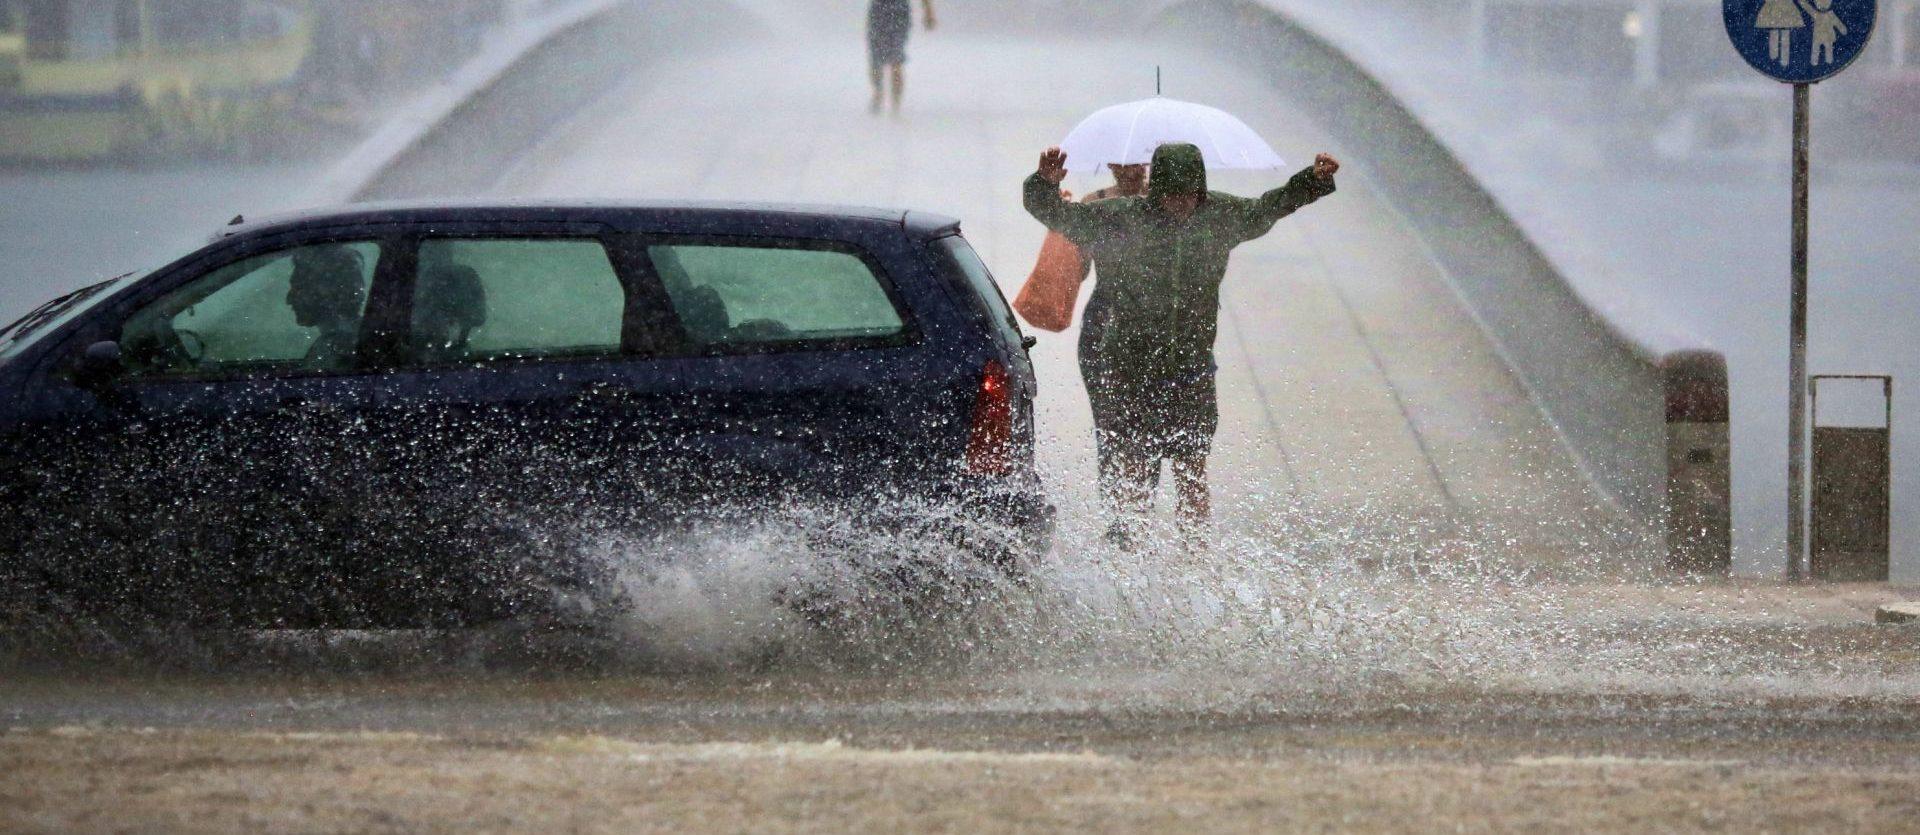 VIDEO: Nevrijeme izazvalo iznenadne poplave u sjeveroistočnom dijelu SAD-a